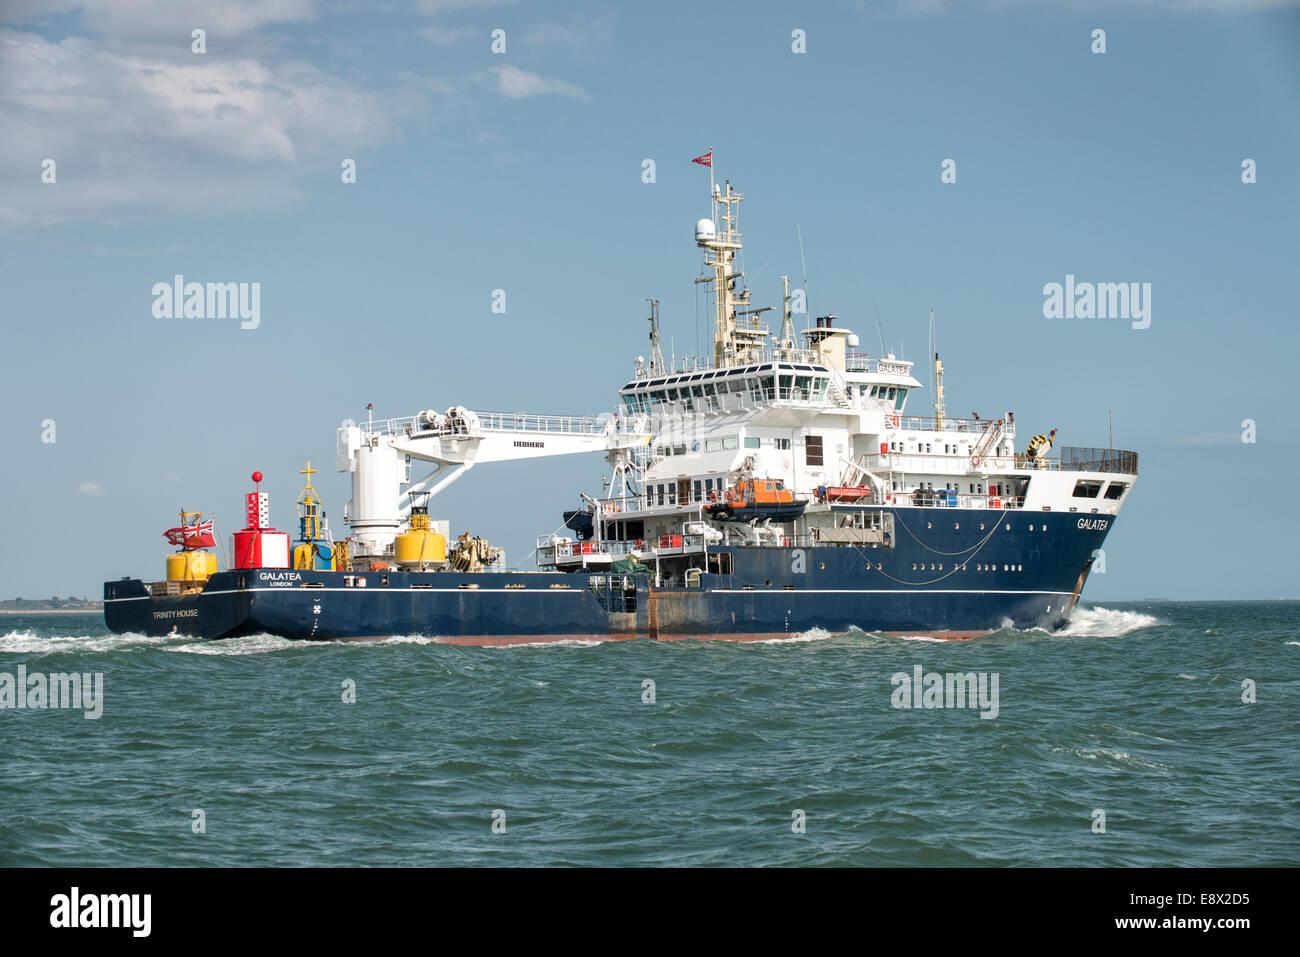 Ship Buoy Tender Stock Photos Amp Ship Buoy Tender Stock